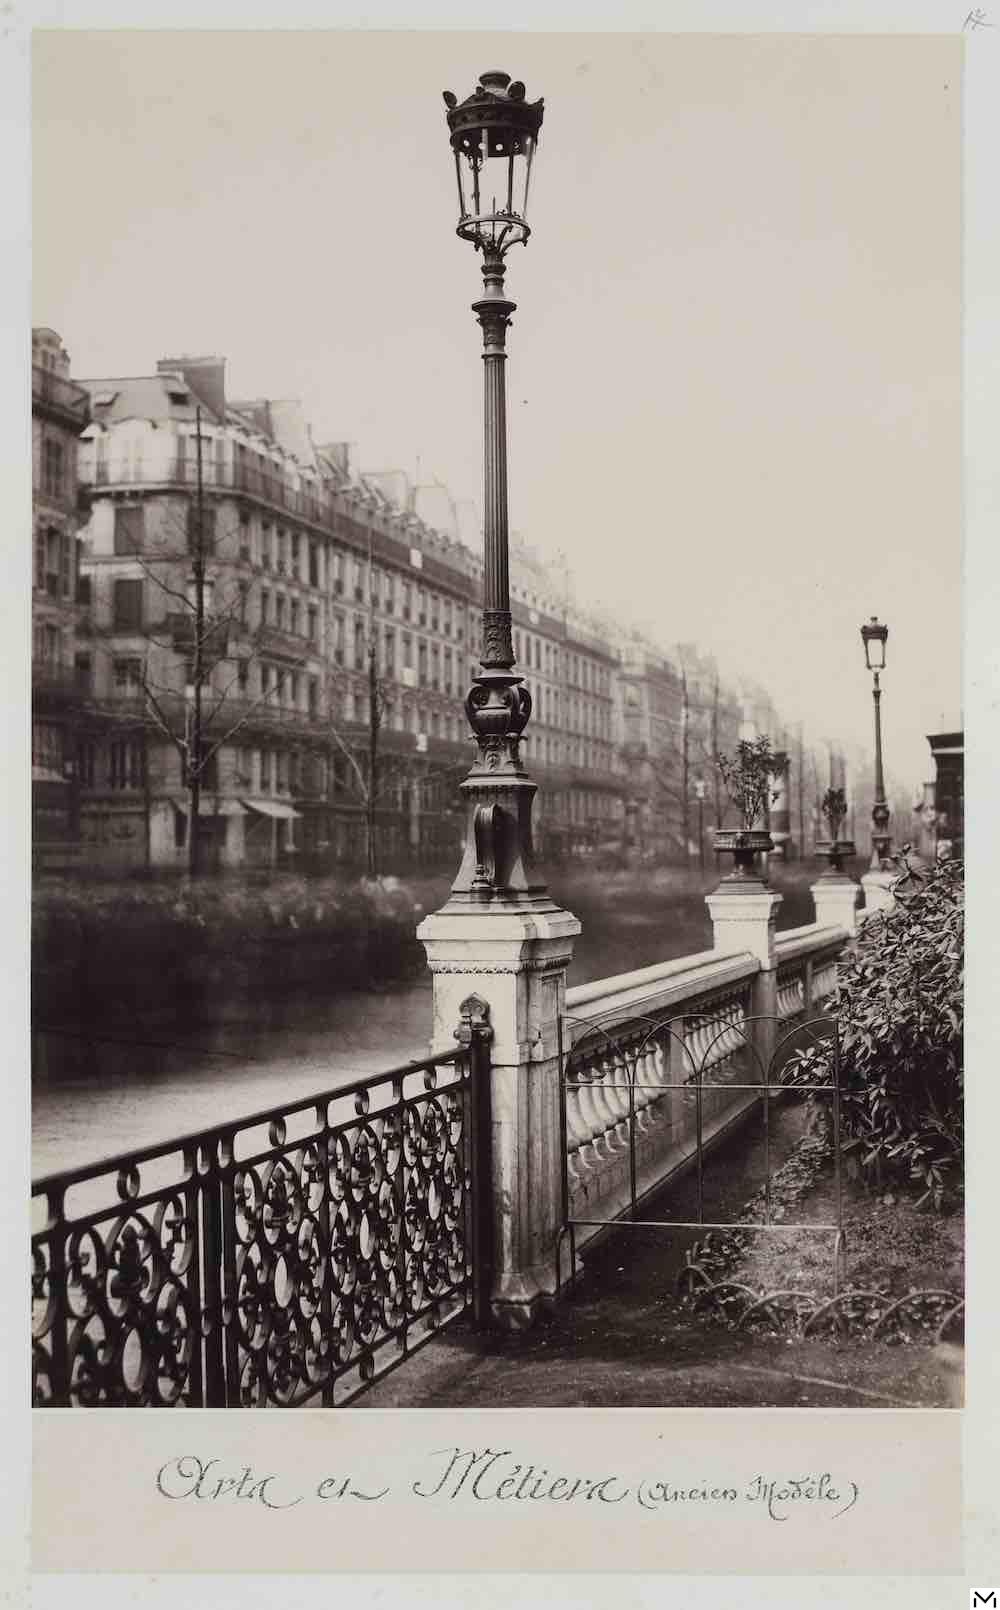 Charles Marville, street light, Arts et Metiers Square, ca 1862, print © MAD Paris Christophe Dellière